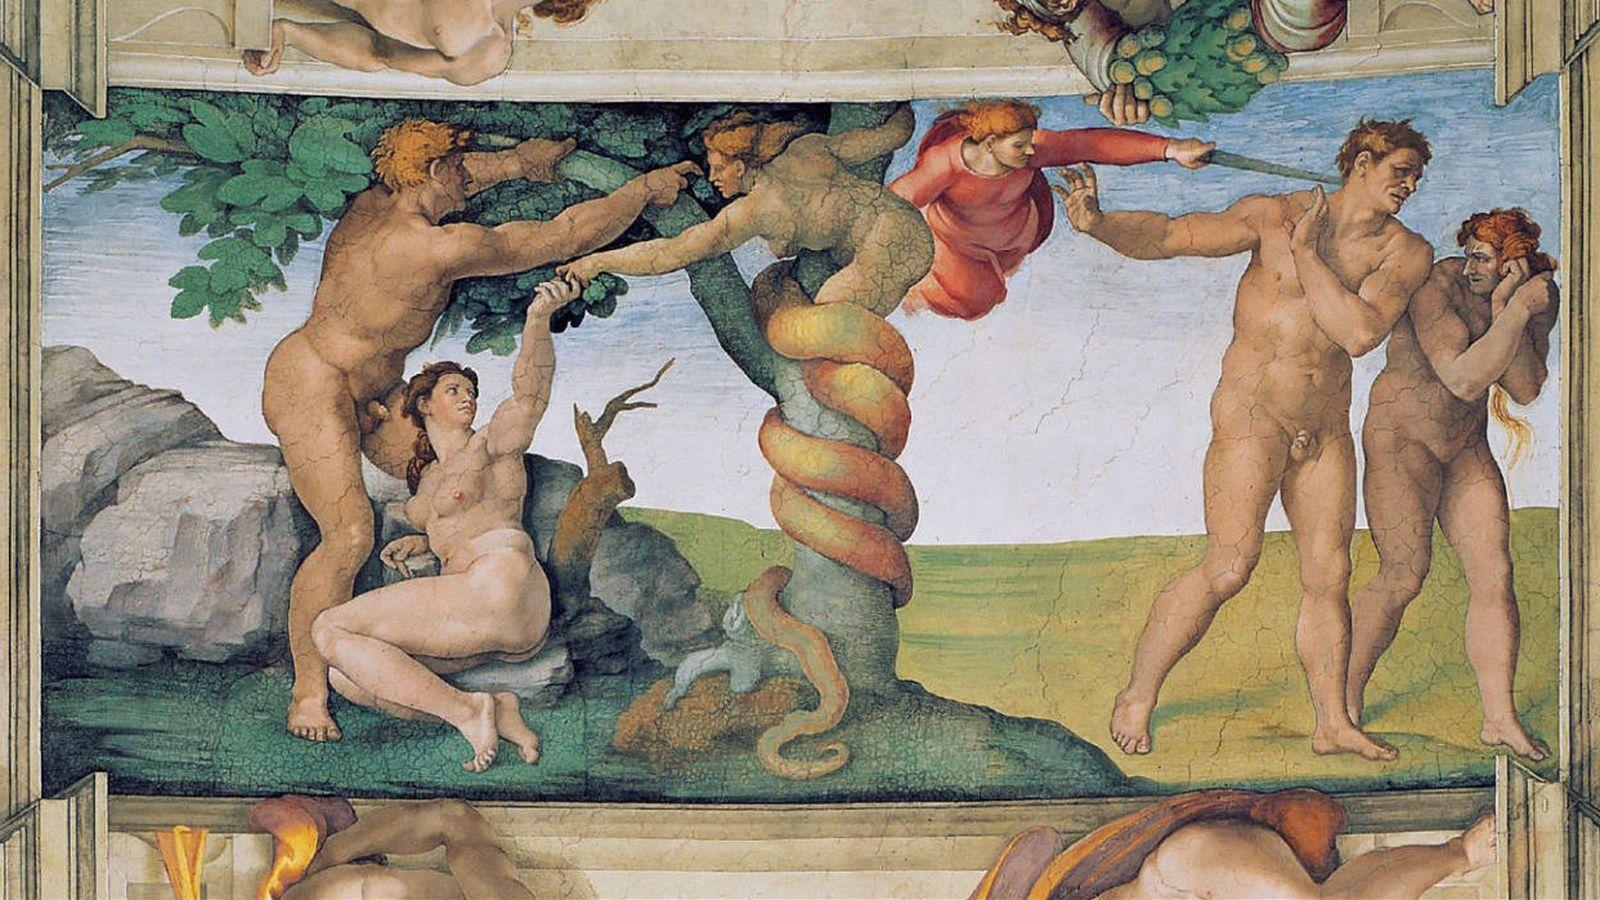 Libros Adán Y Eva La Verdad Detrás Del Mito Más Poderoso De La Historia Humana